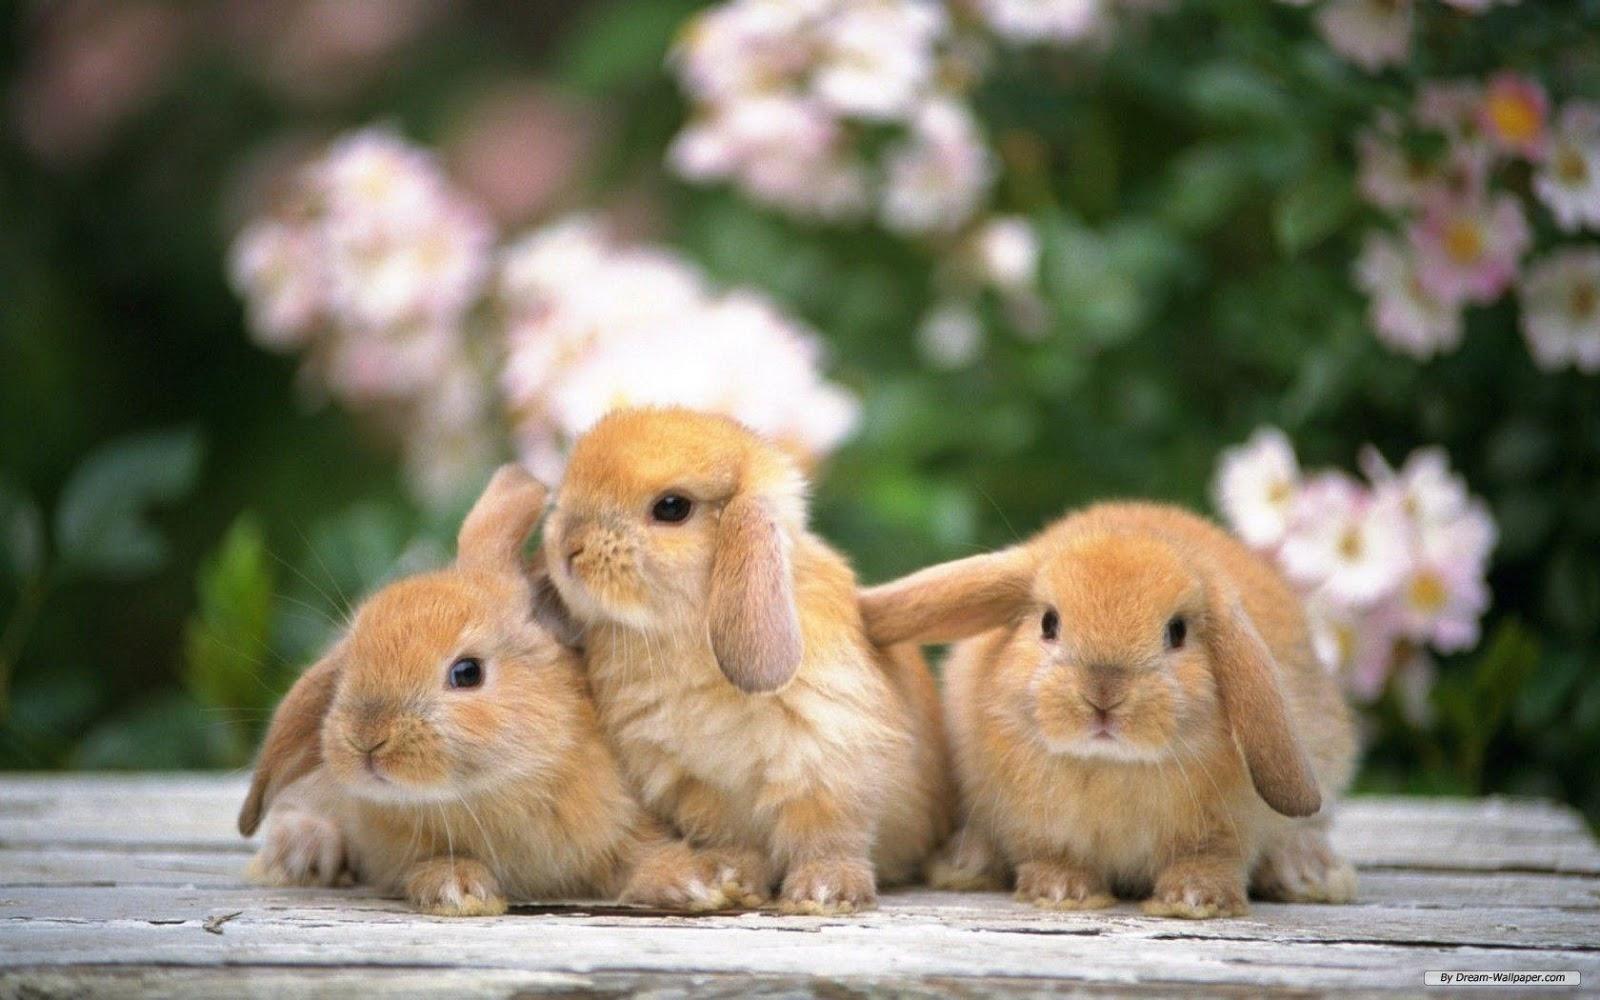 gambar kelinci dan 20 buaya gambar kelinci berumur 2 bulan  gambar kacang 2 kelinci gambar pt 2 kelinci